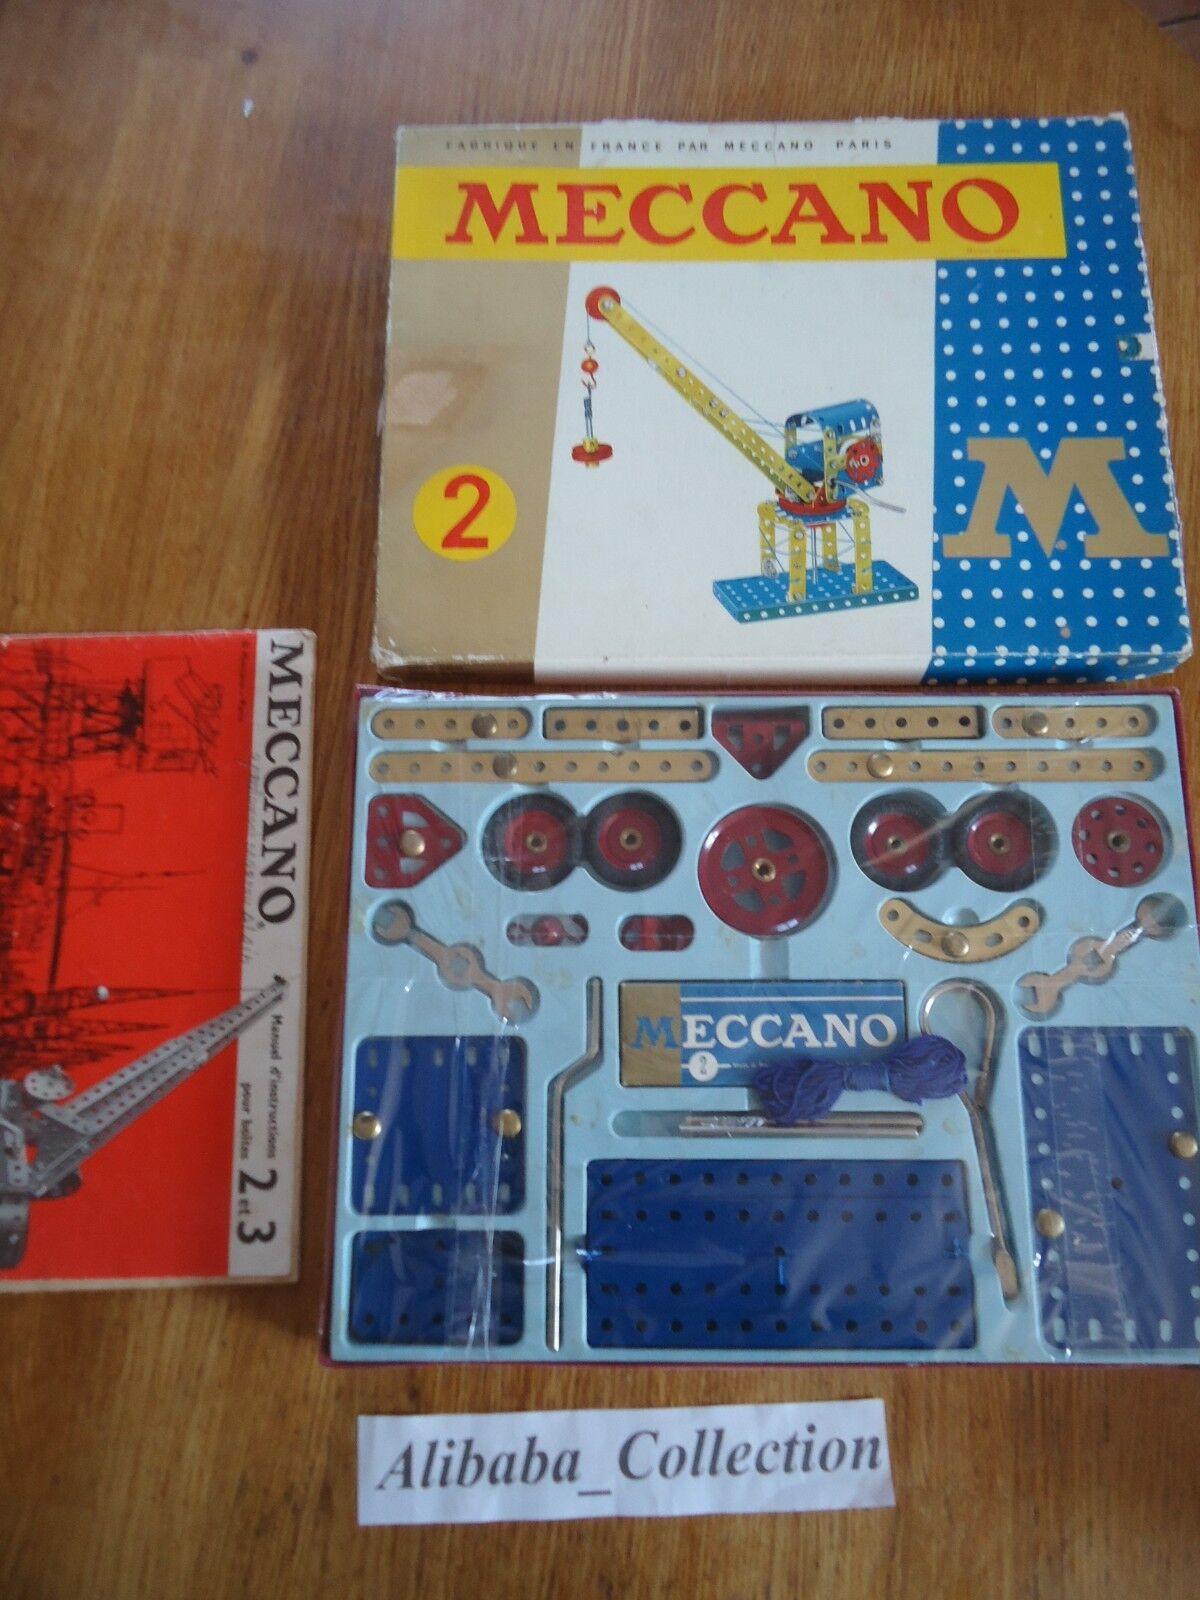 MECCANO ANCIEN BOITE 2 série M 202 années 1960, premiere no lot